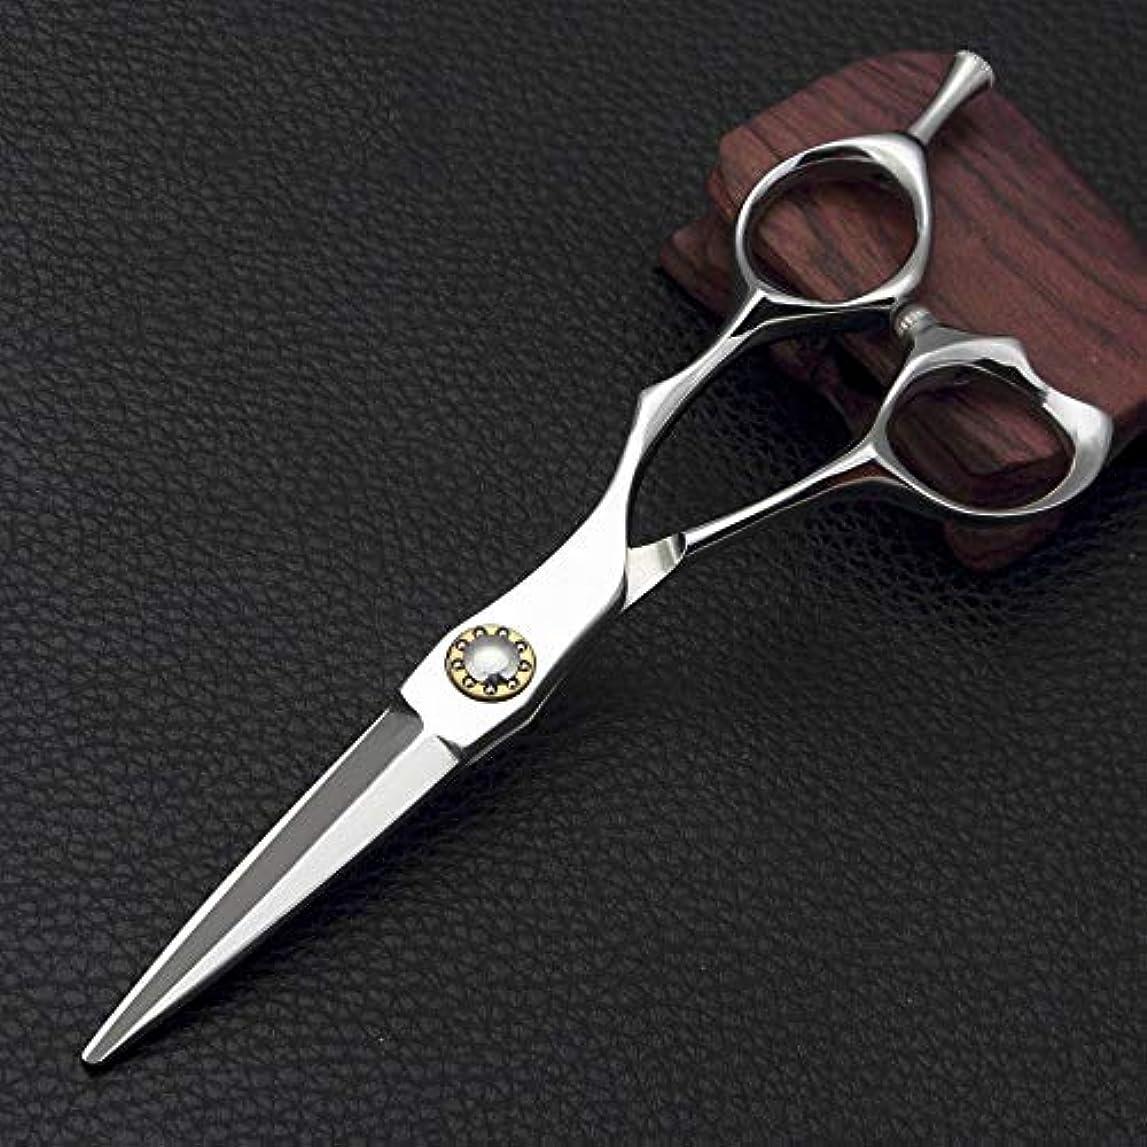 いちゃつくアンティークサスティーン理髪用はさみ 5.5インチの専門のバリカン、平らな散髪のはさみの毛の切断はさみのステンレス製の理髪師のはさみ (色 : Silver)